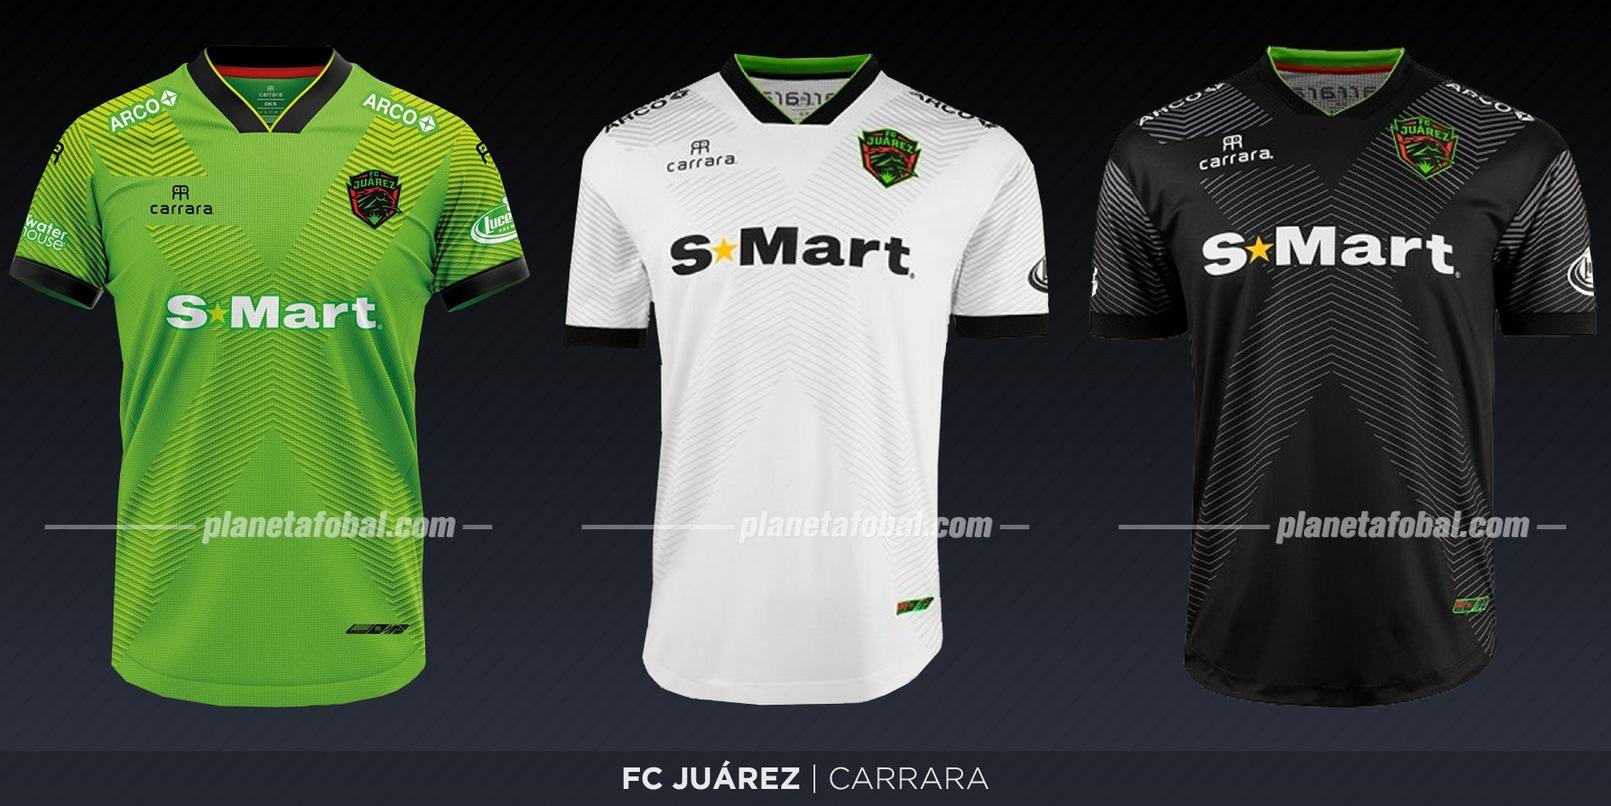 FC Juárez (Carrara) | Camisetas de la Liga MX 2019-2020